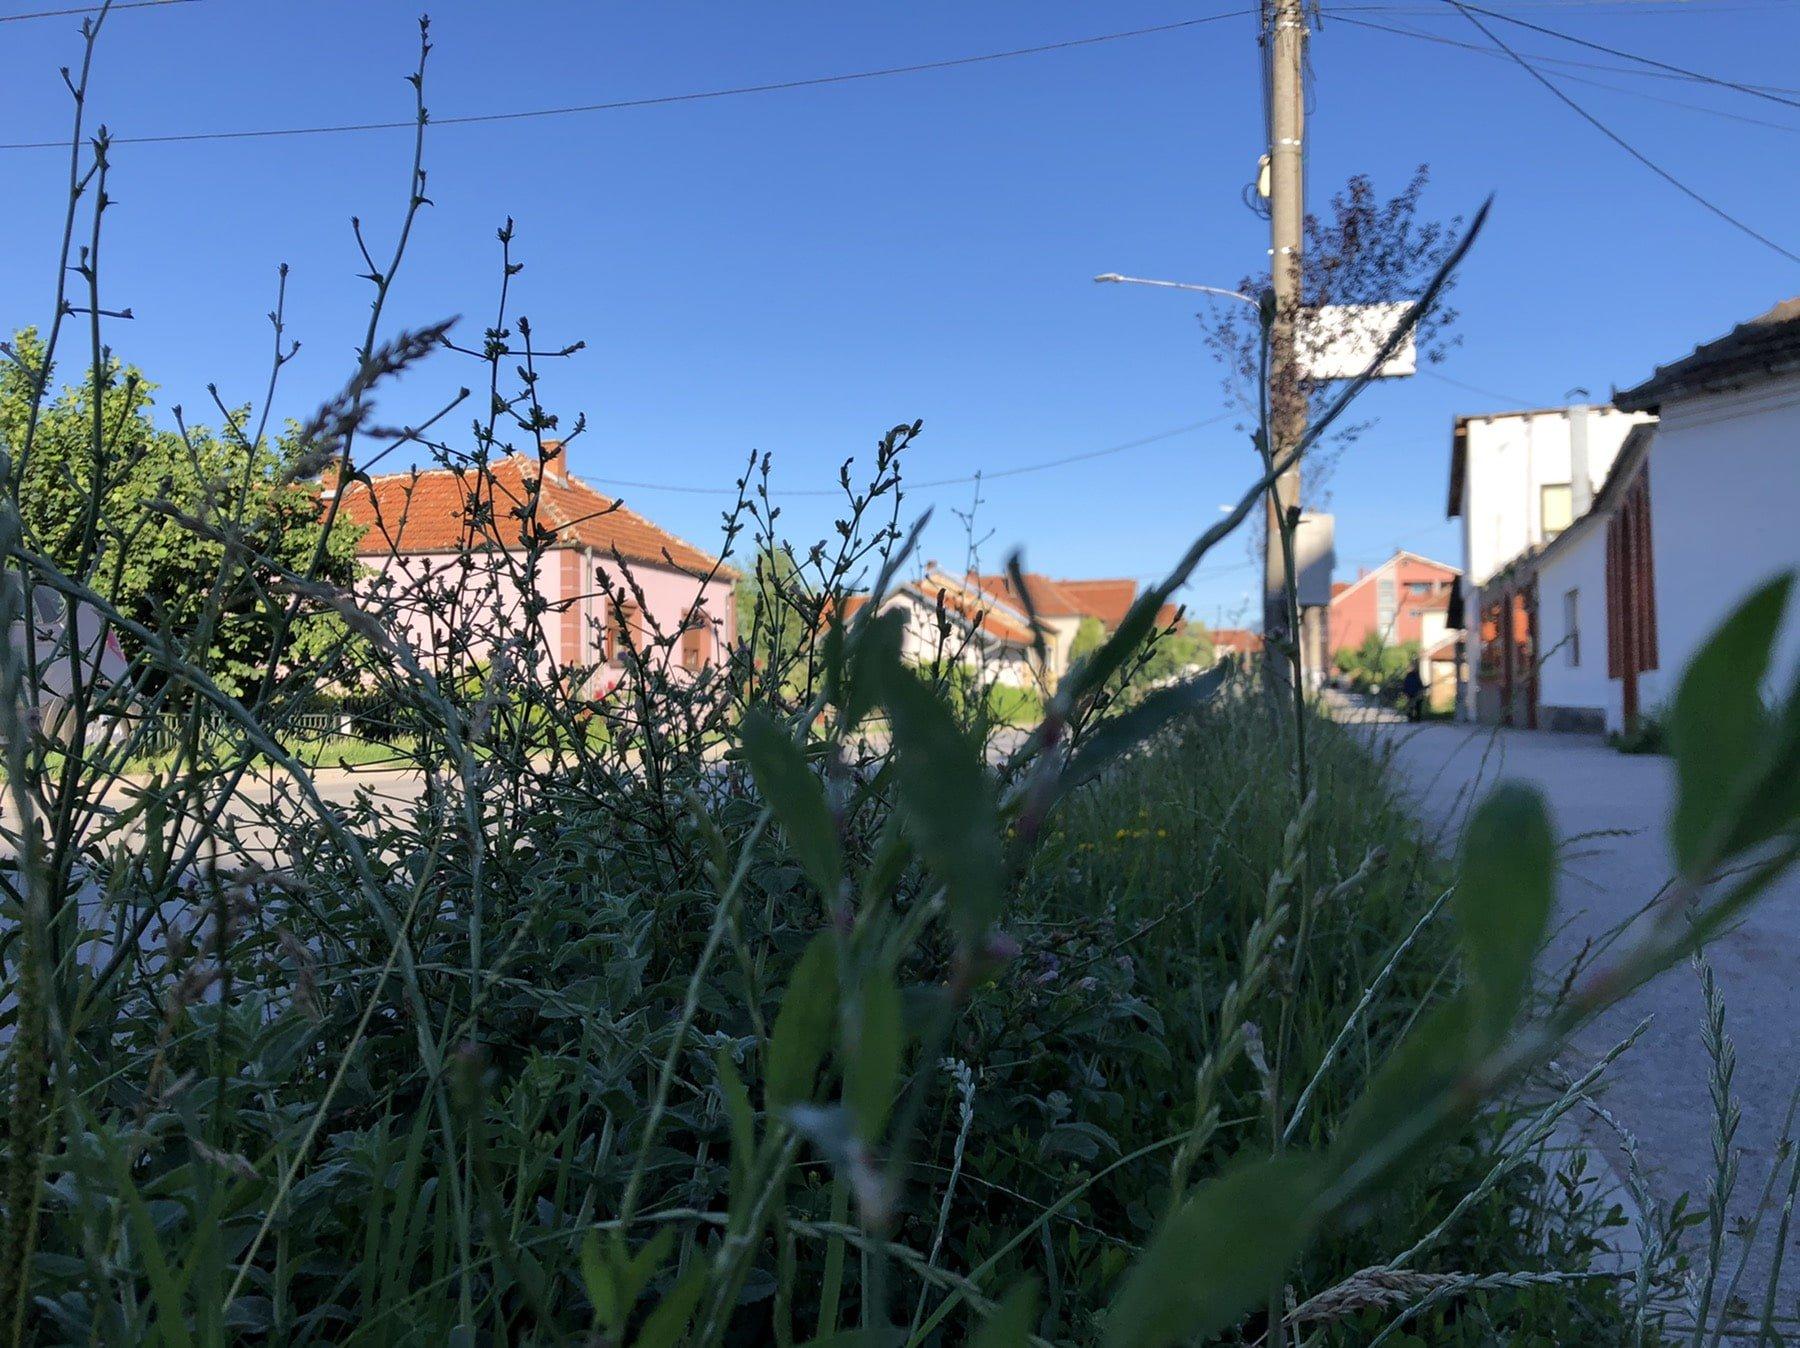 Neophodno uređenje zelene površine u ulici Vase Albanca